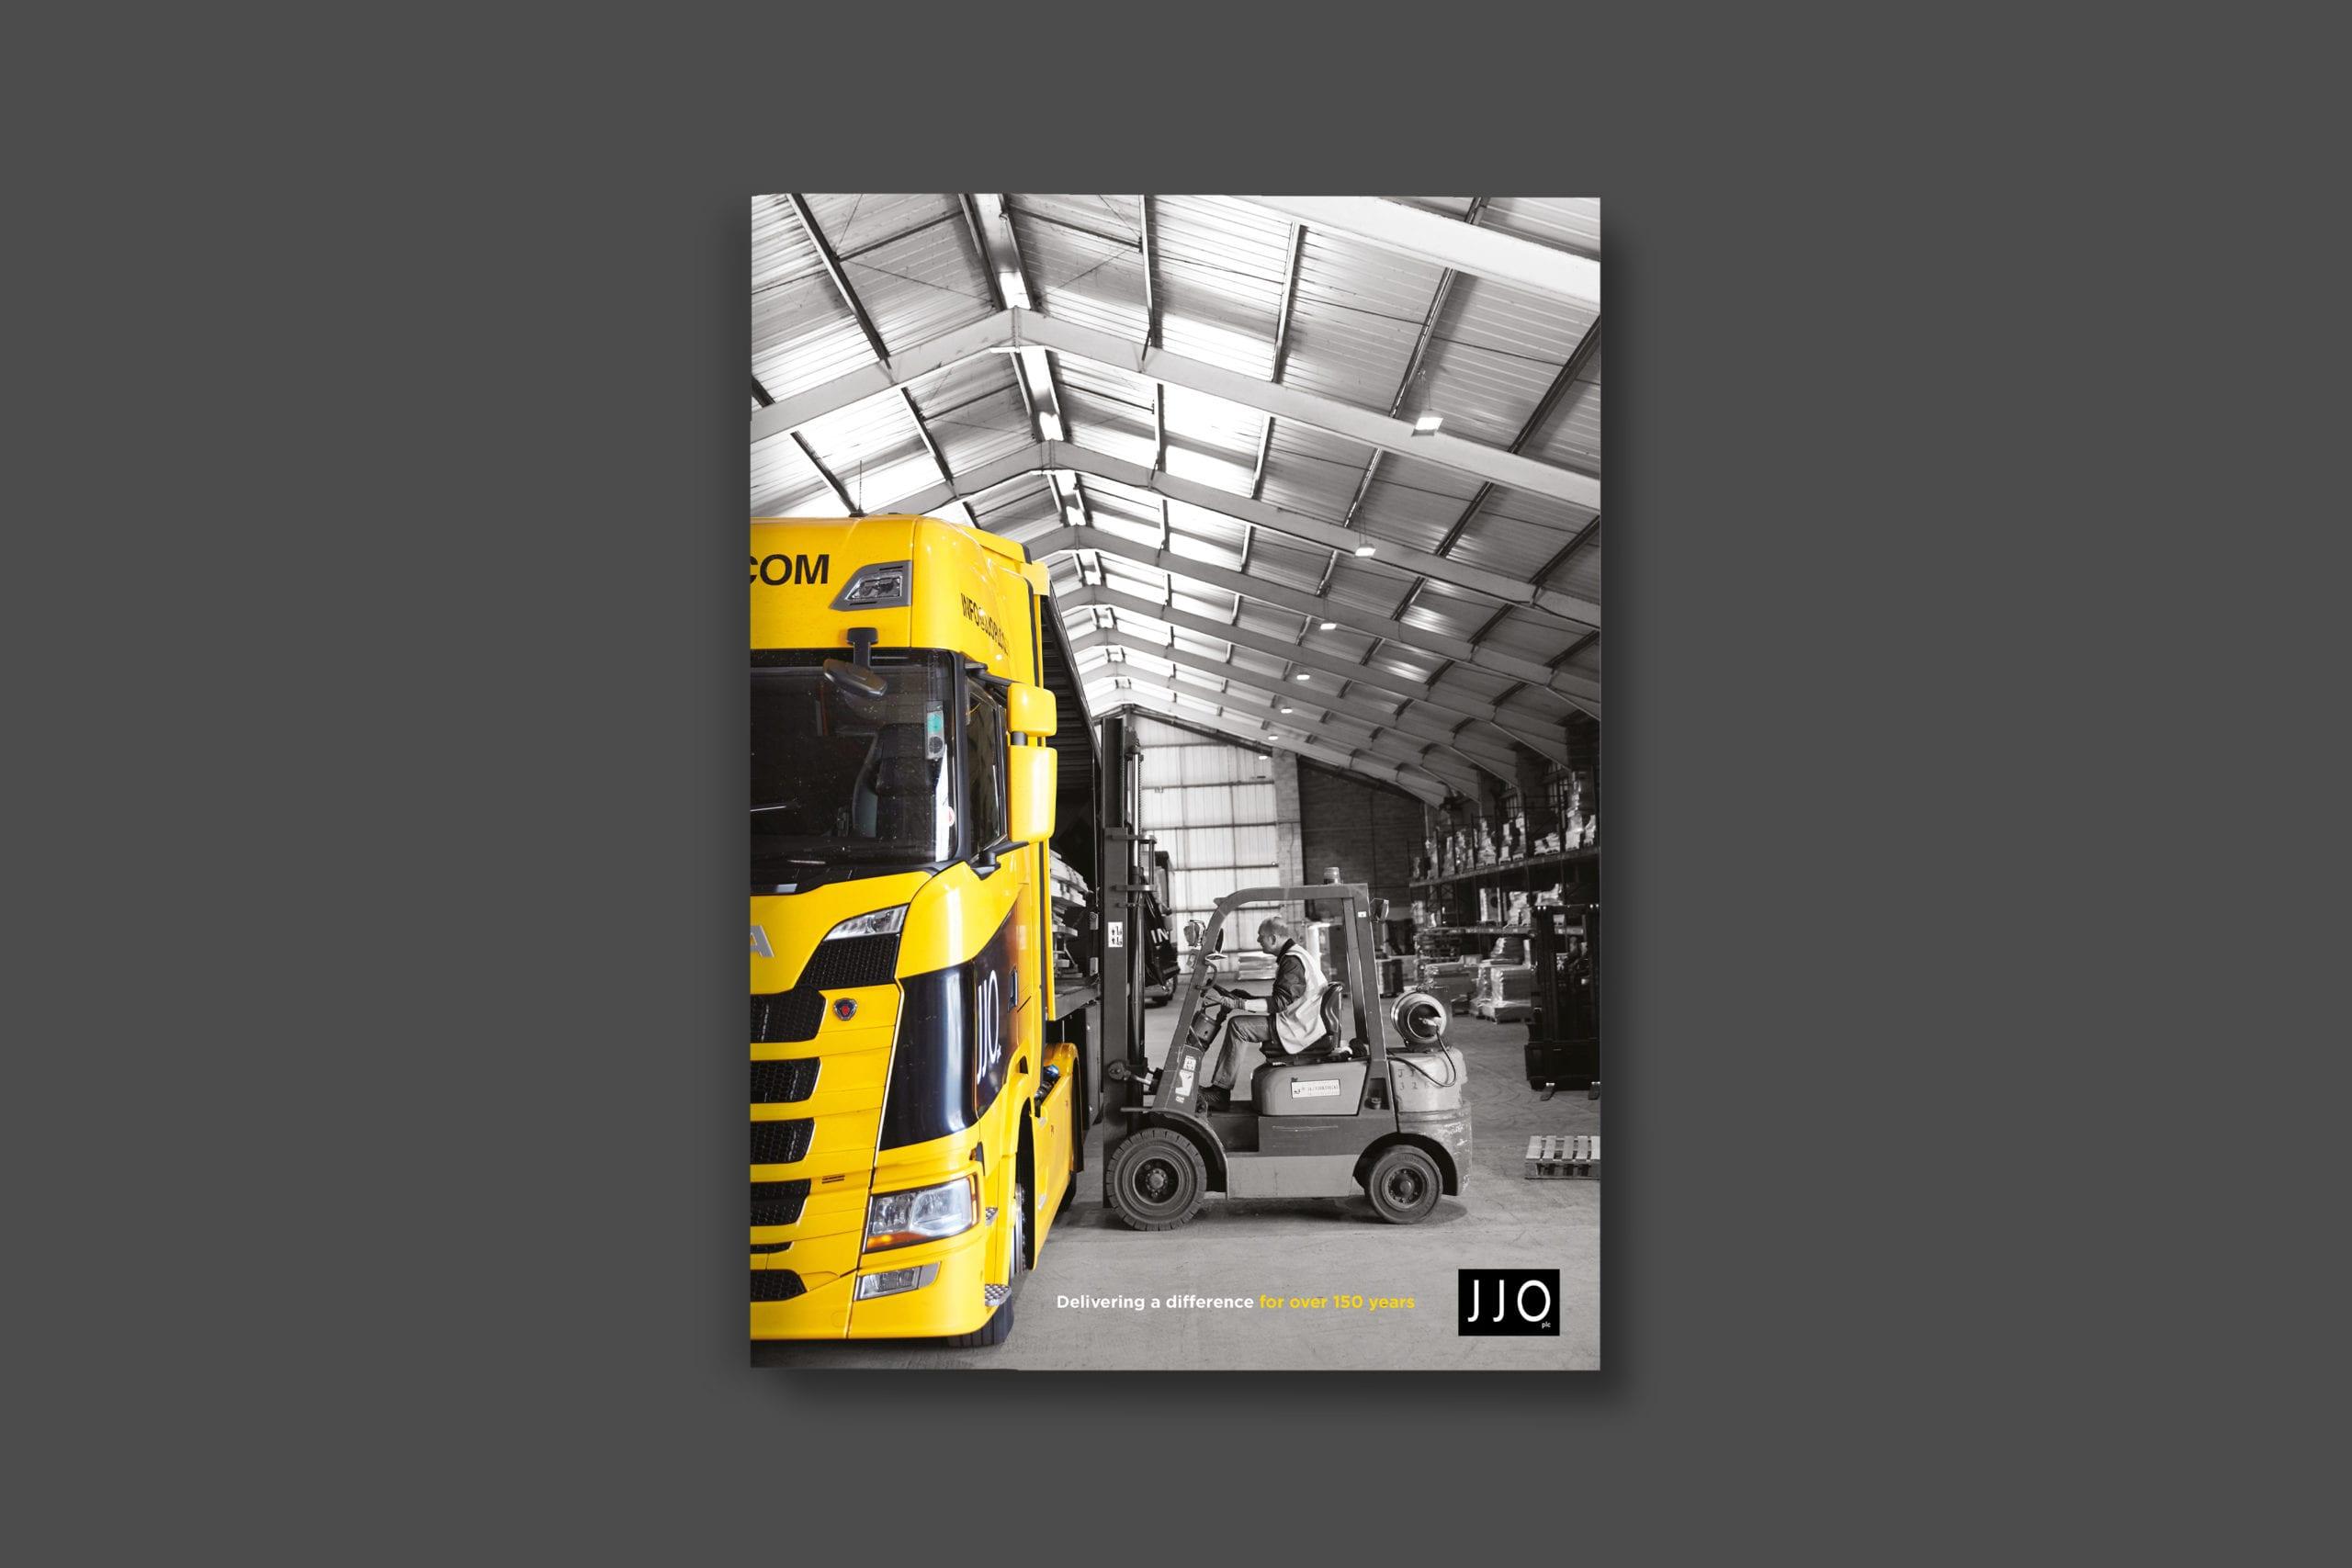 JJO plc Corporate brochure cover